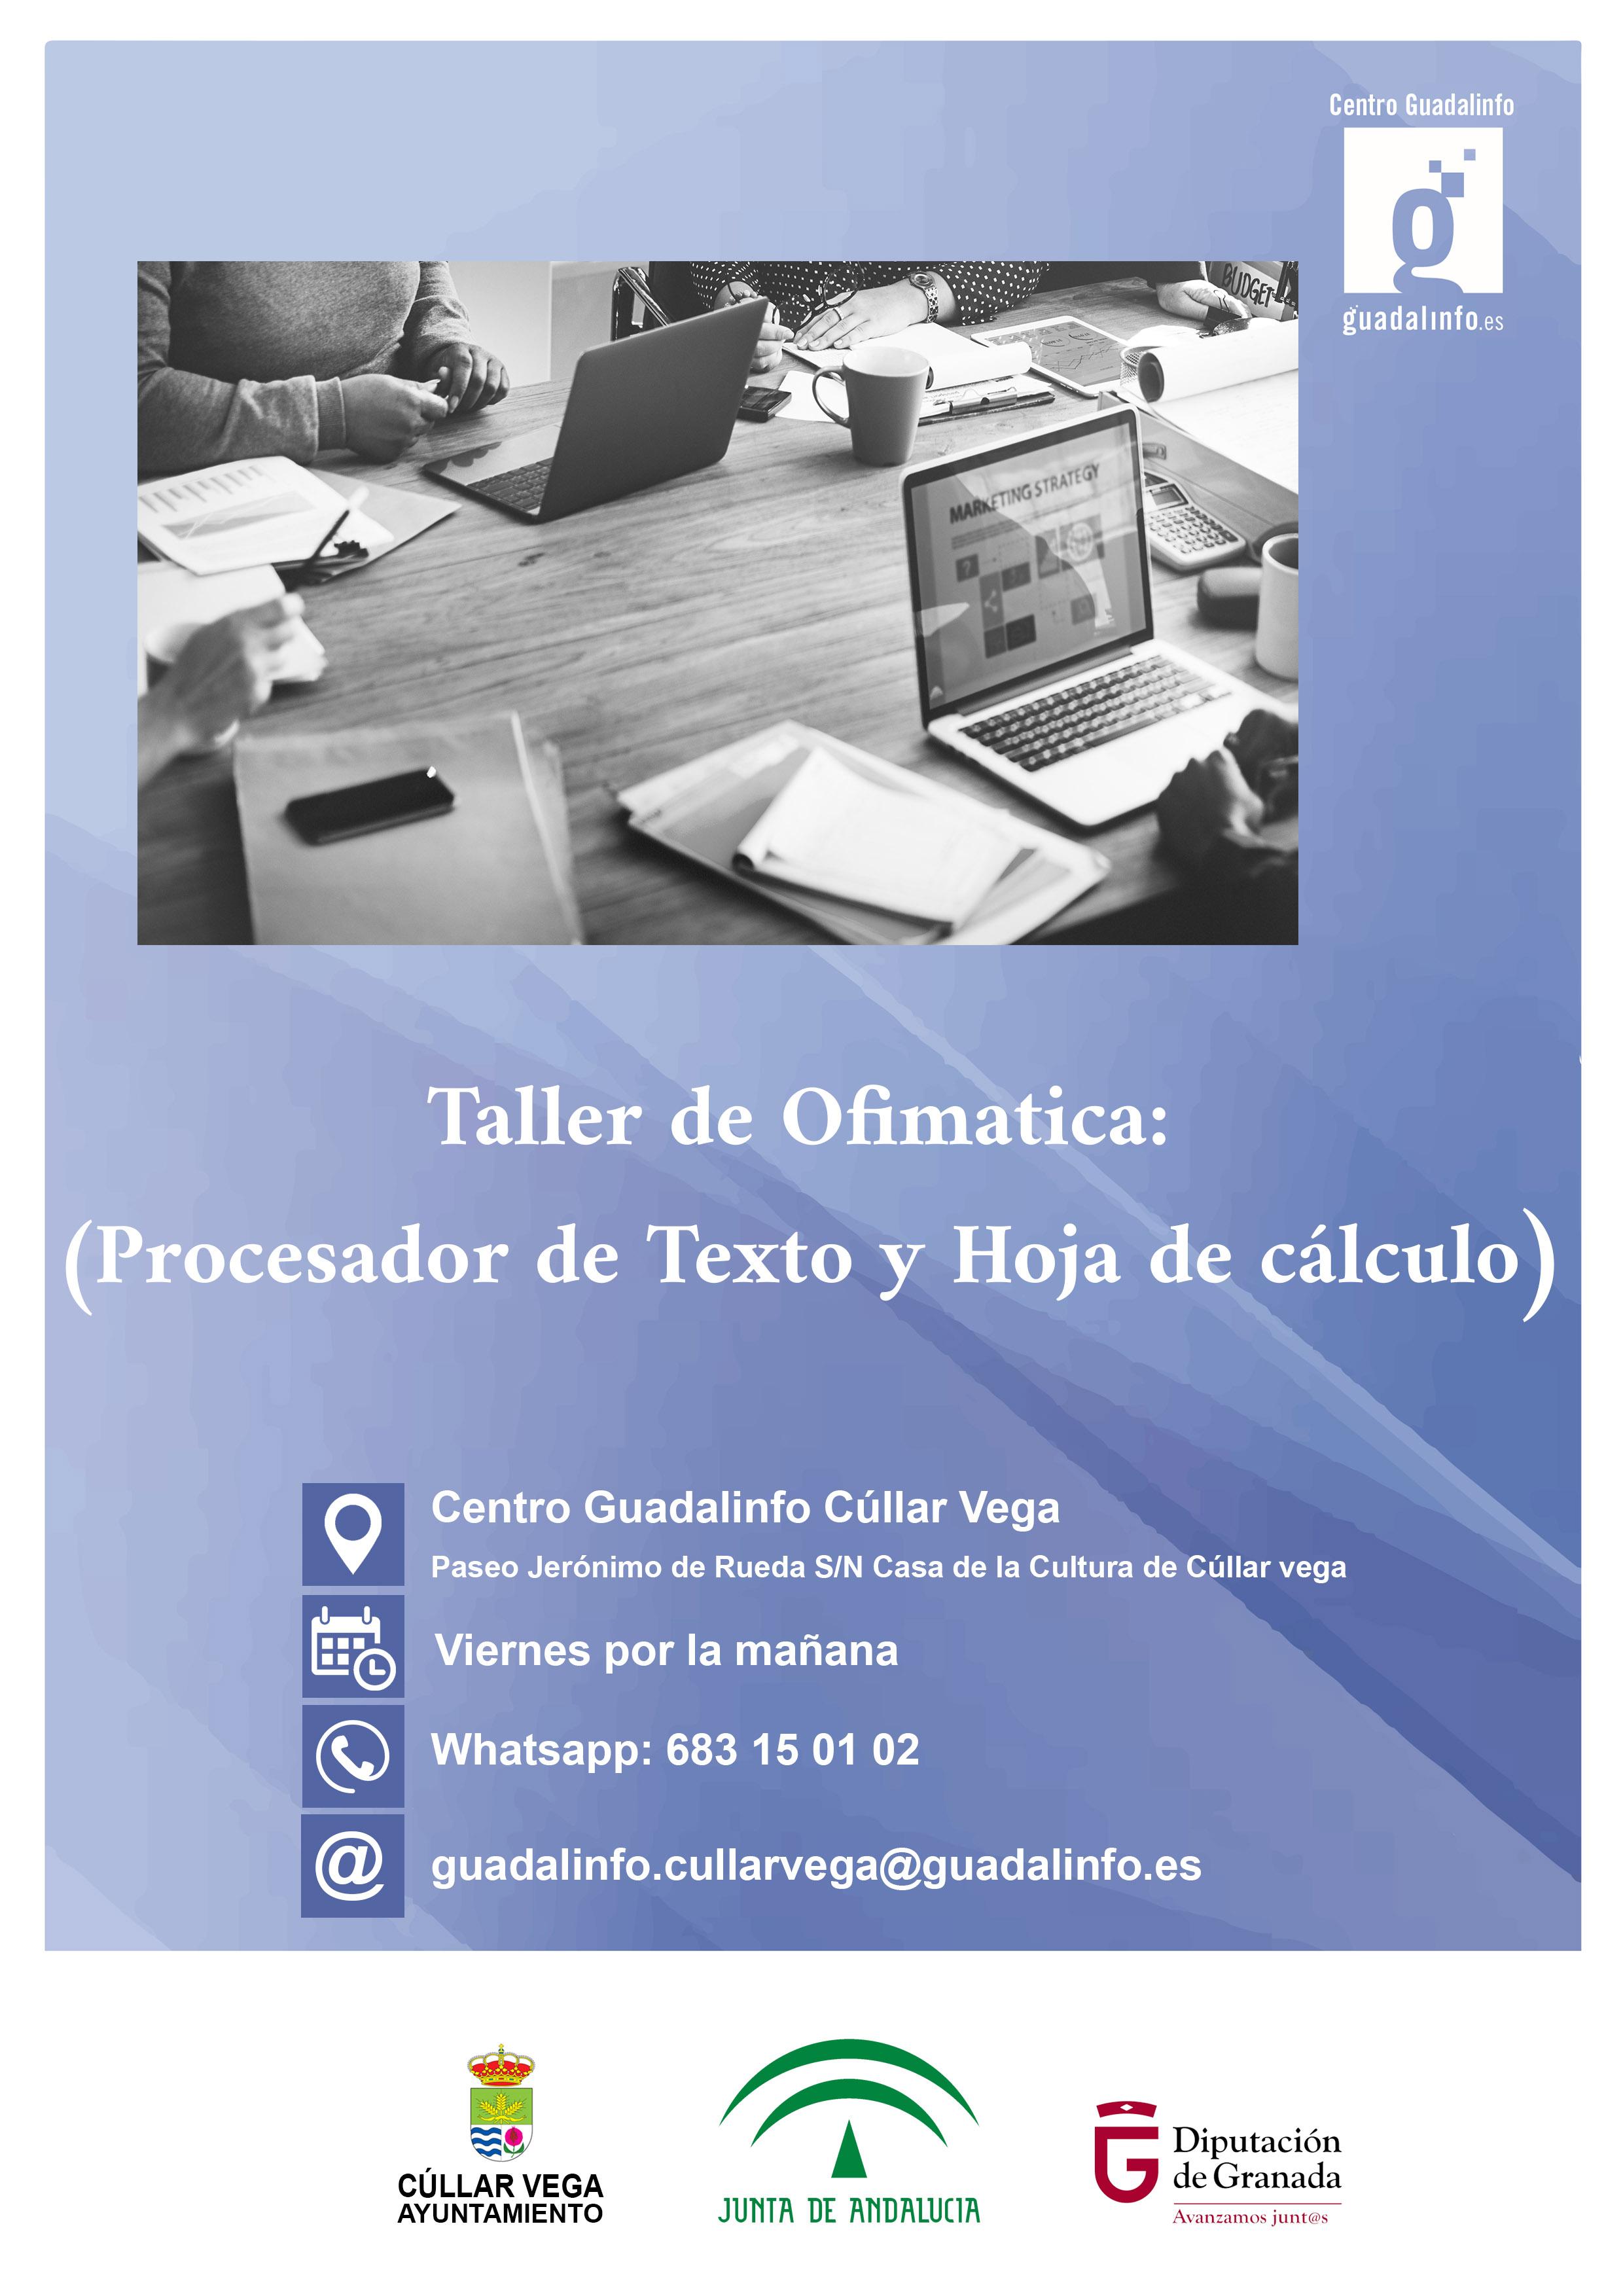 Proximo Taller de Ofimática en Guadalalinfo